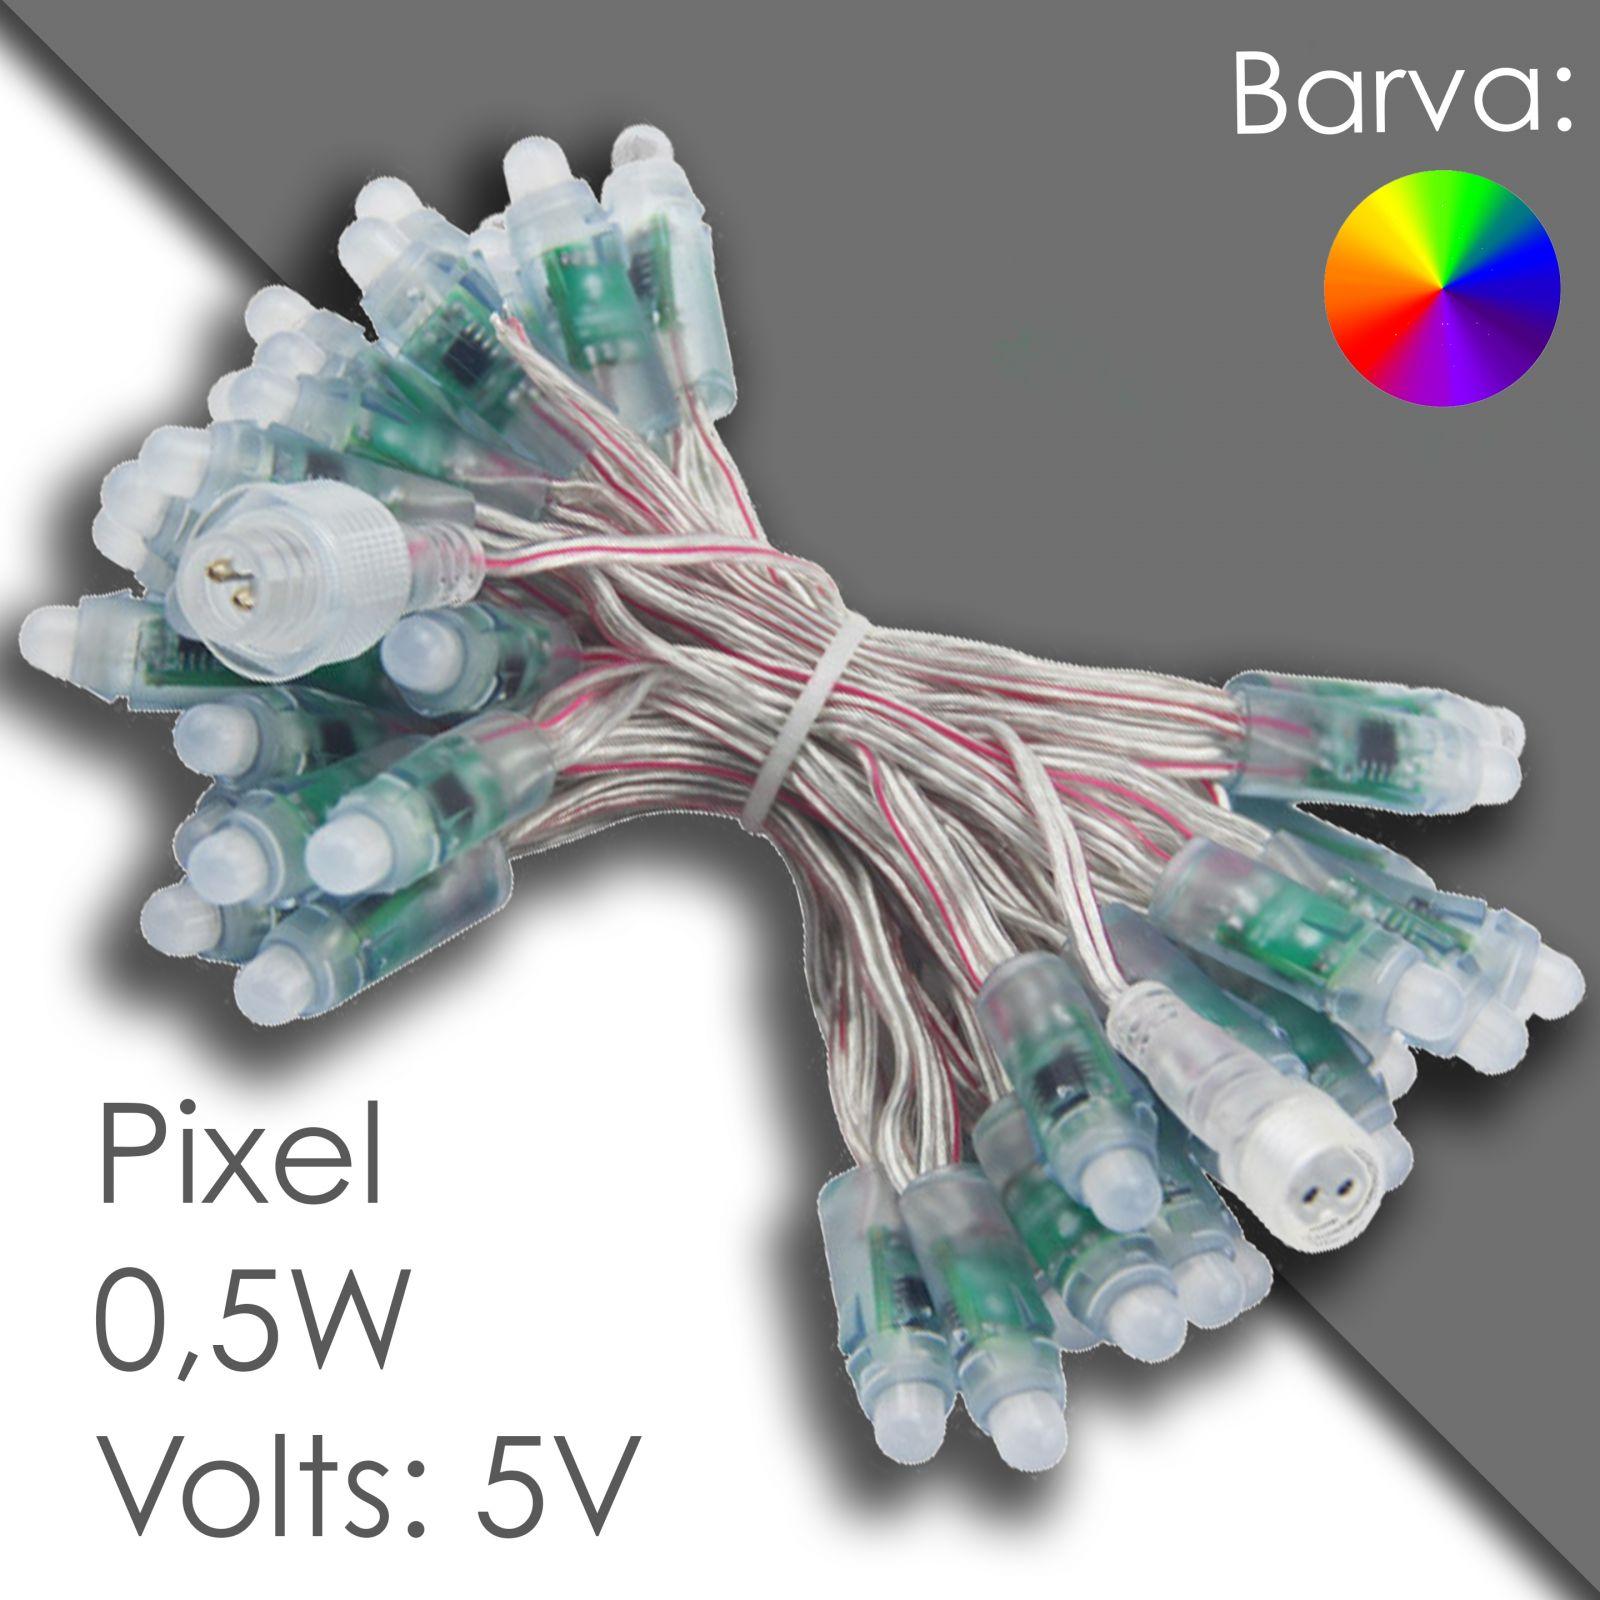 Led pixel rgb 12mm programmable, waterproof